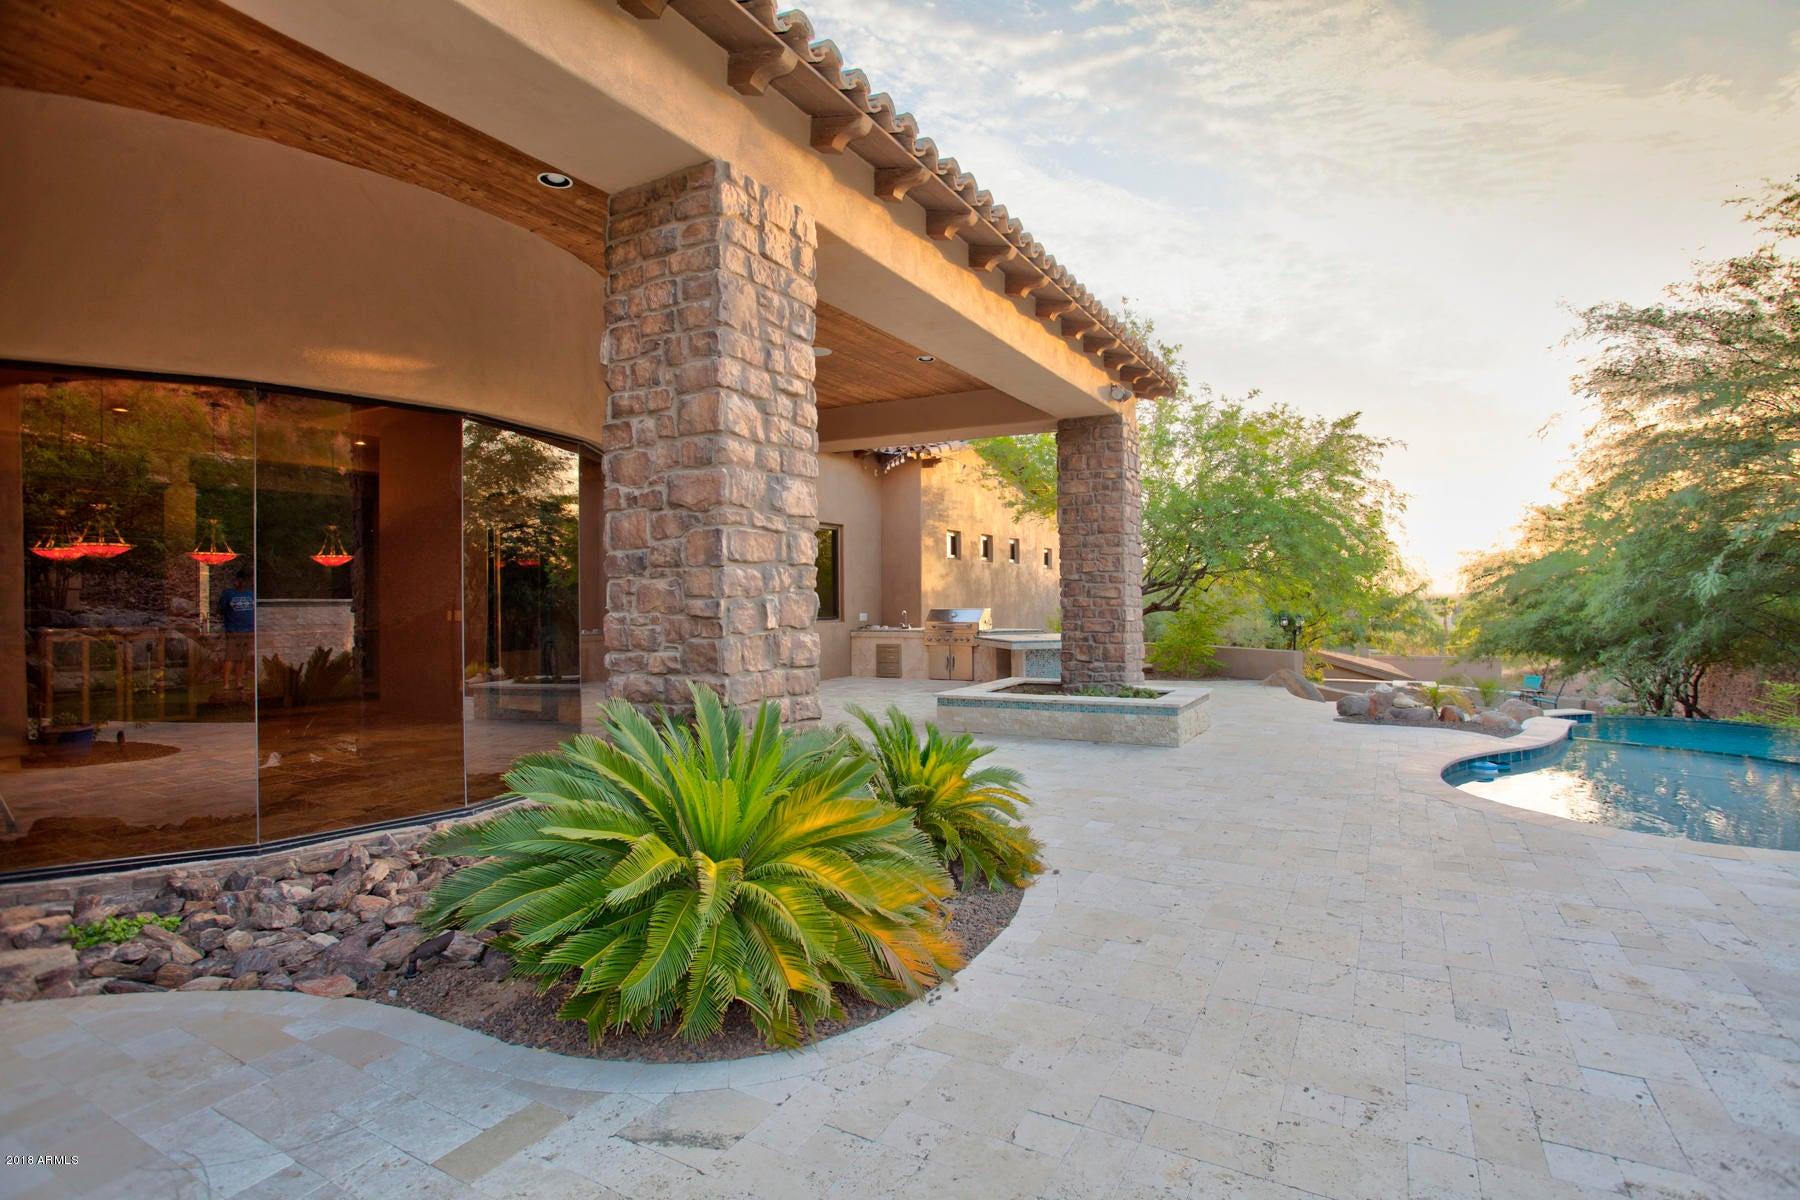 23380 N 61st Drive Glendale, AZ 85310 - MLS #: 5802210